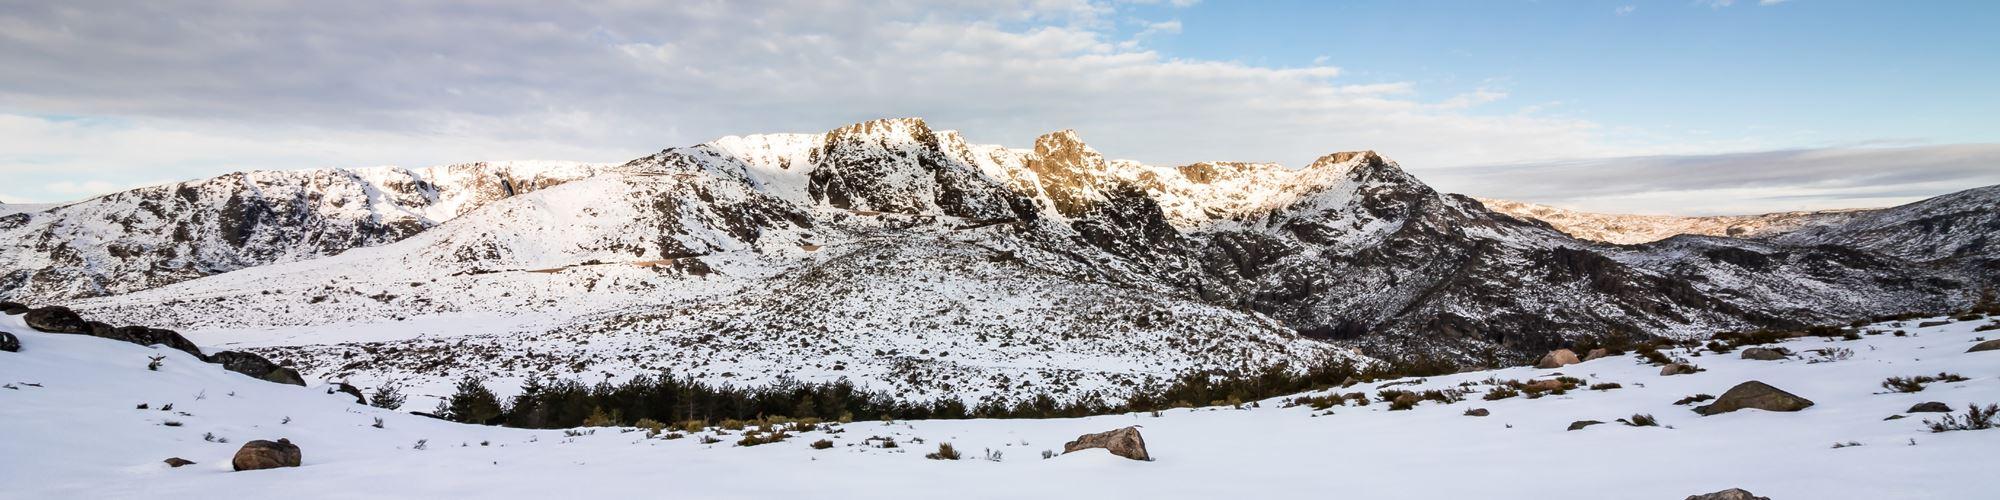 Serra da Estrela coberta de neve a um mês do verão